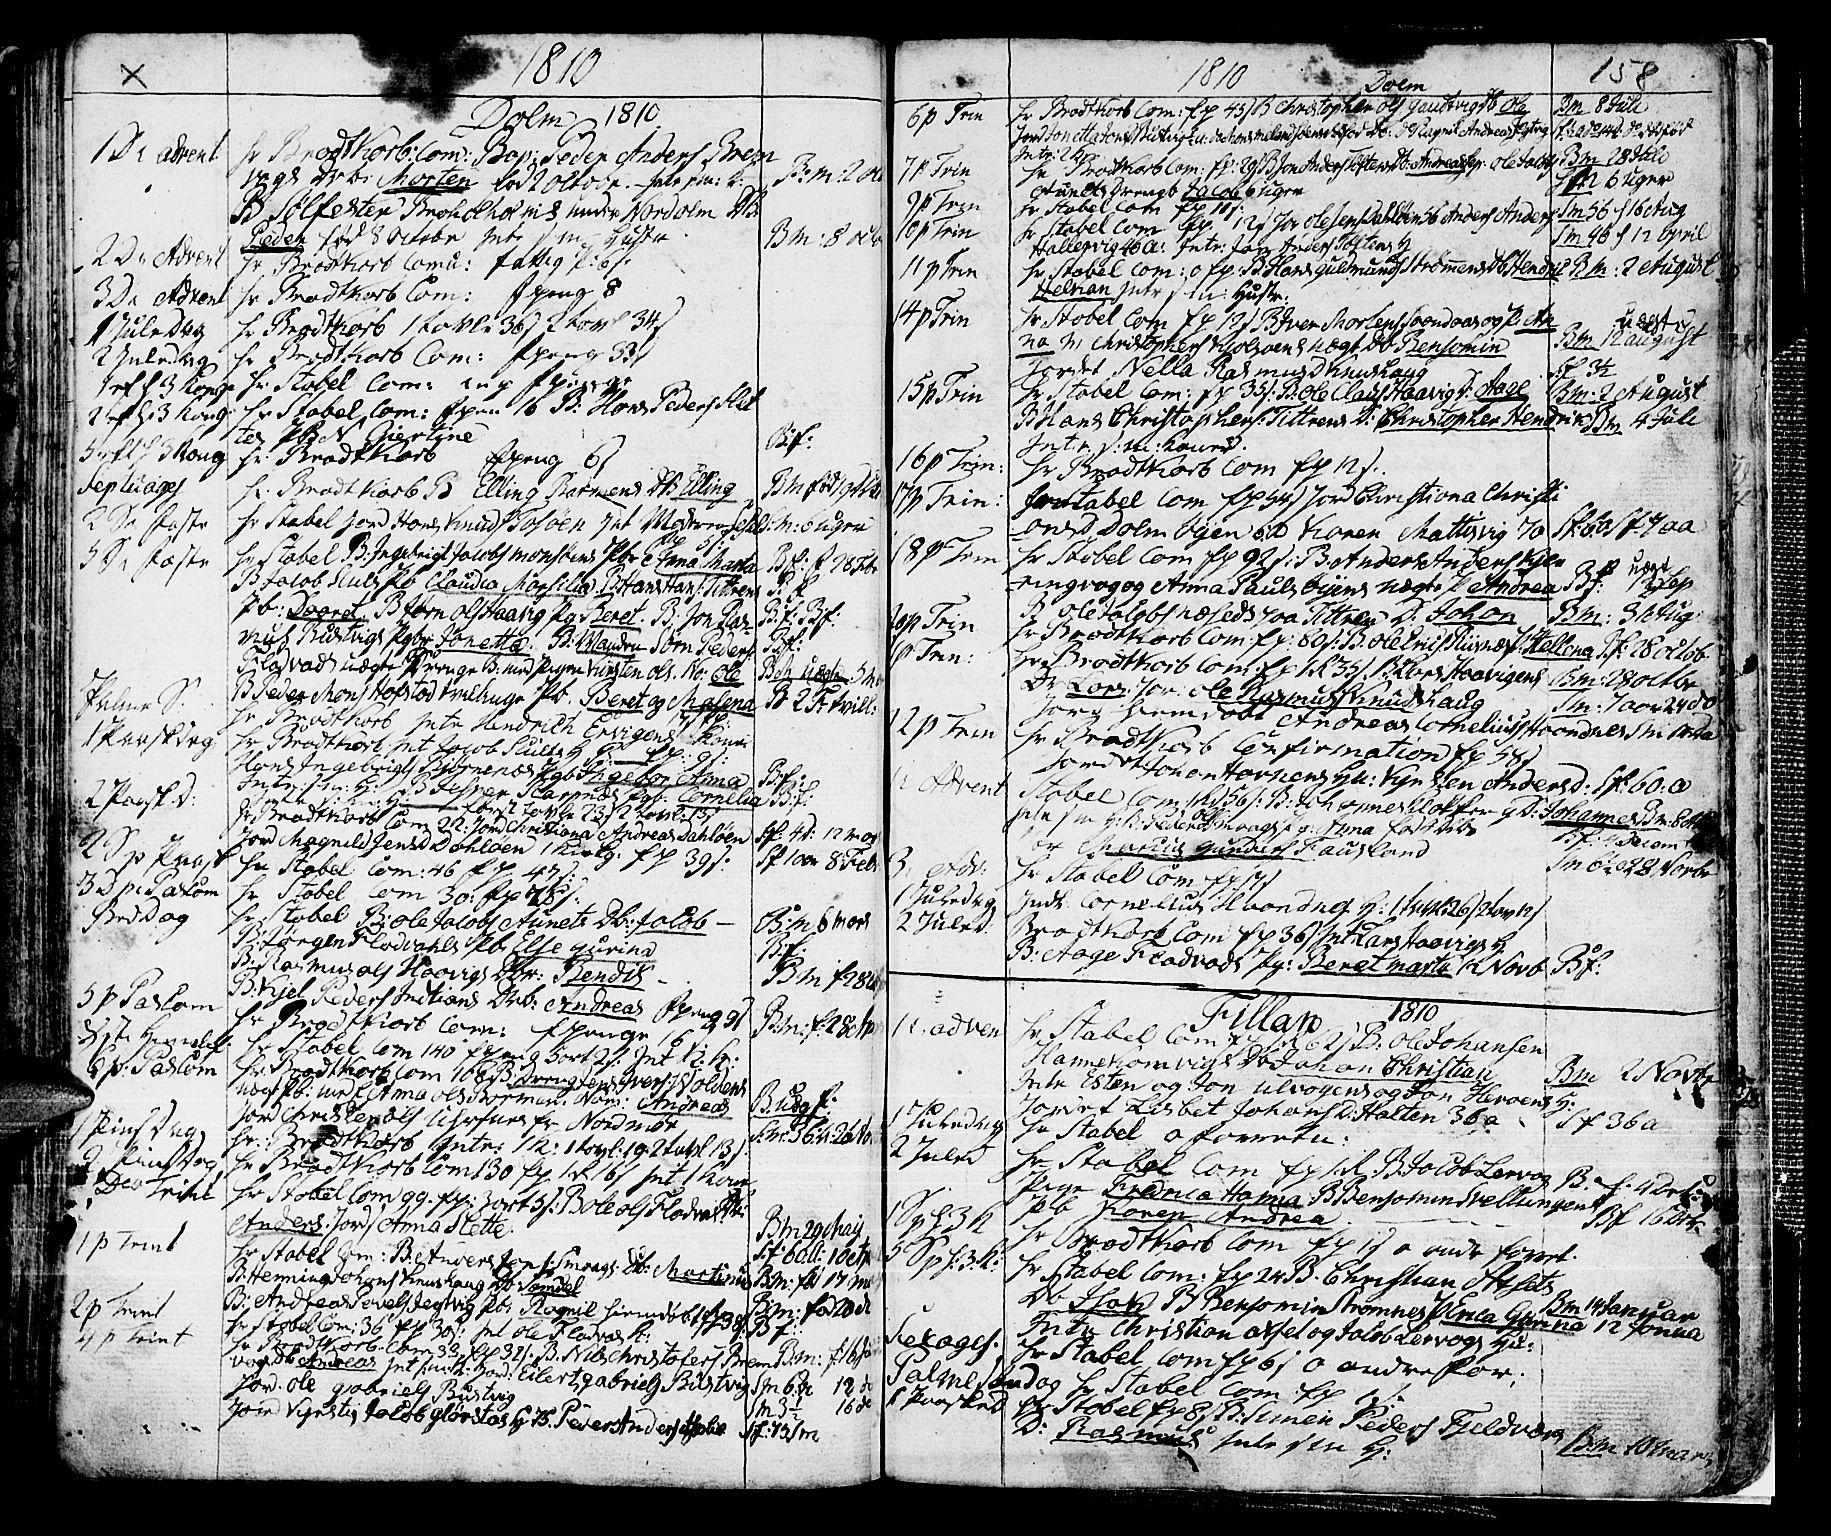 SAT, Ministerialprotokoller, klokkerbøker og fødselsregistre - Sør-Trøndelag, 634/L0526: Ministerialbok nr. 634A02, 1775-1818, s. 158